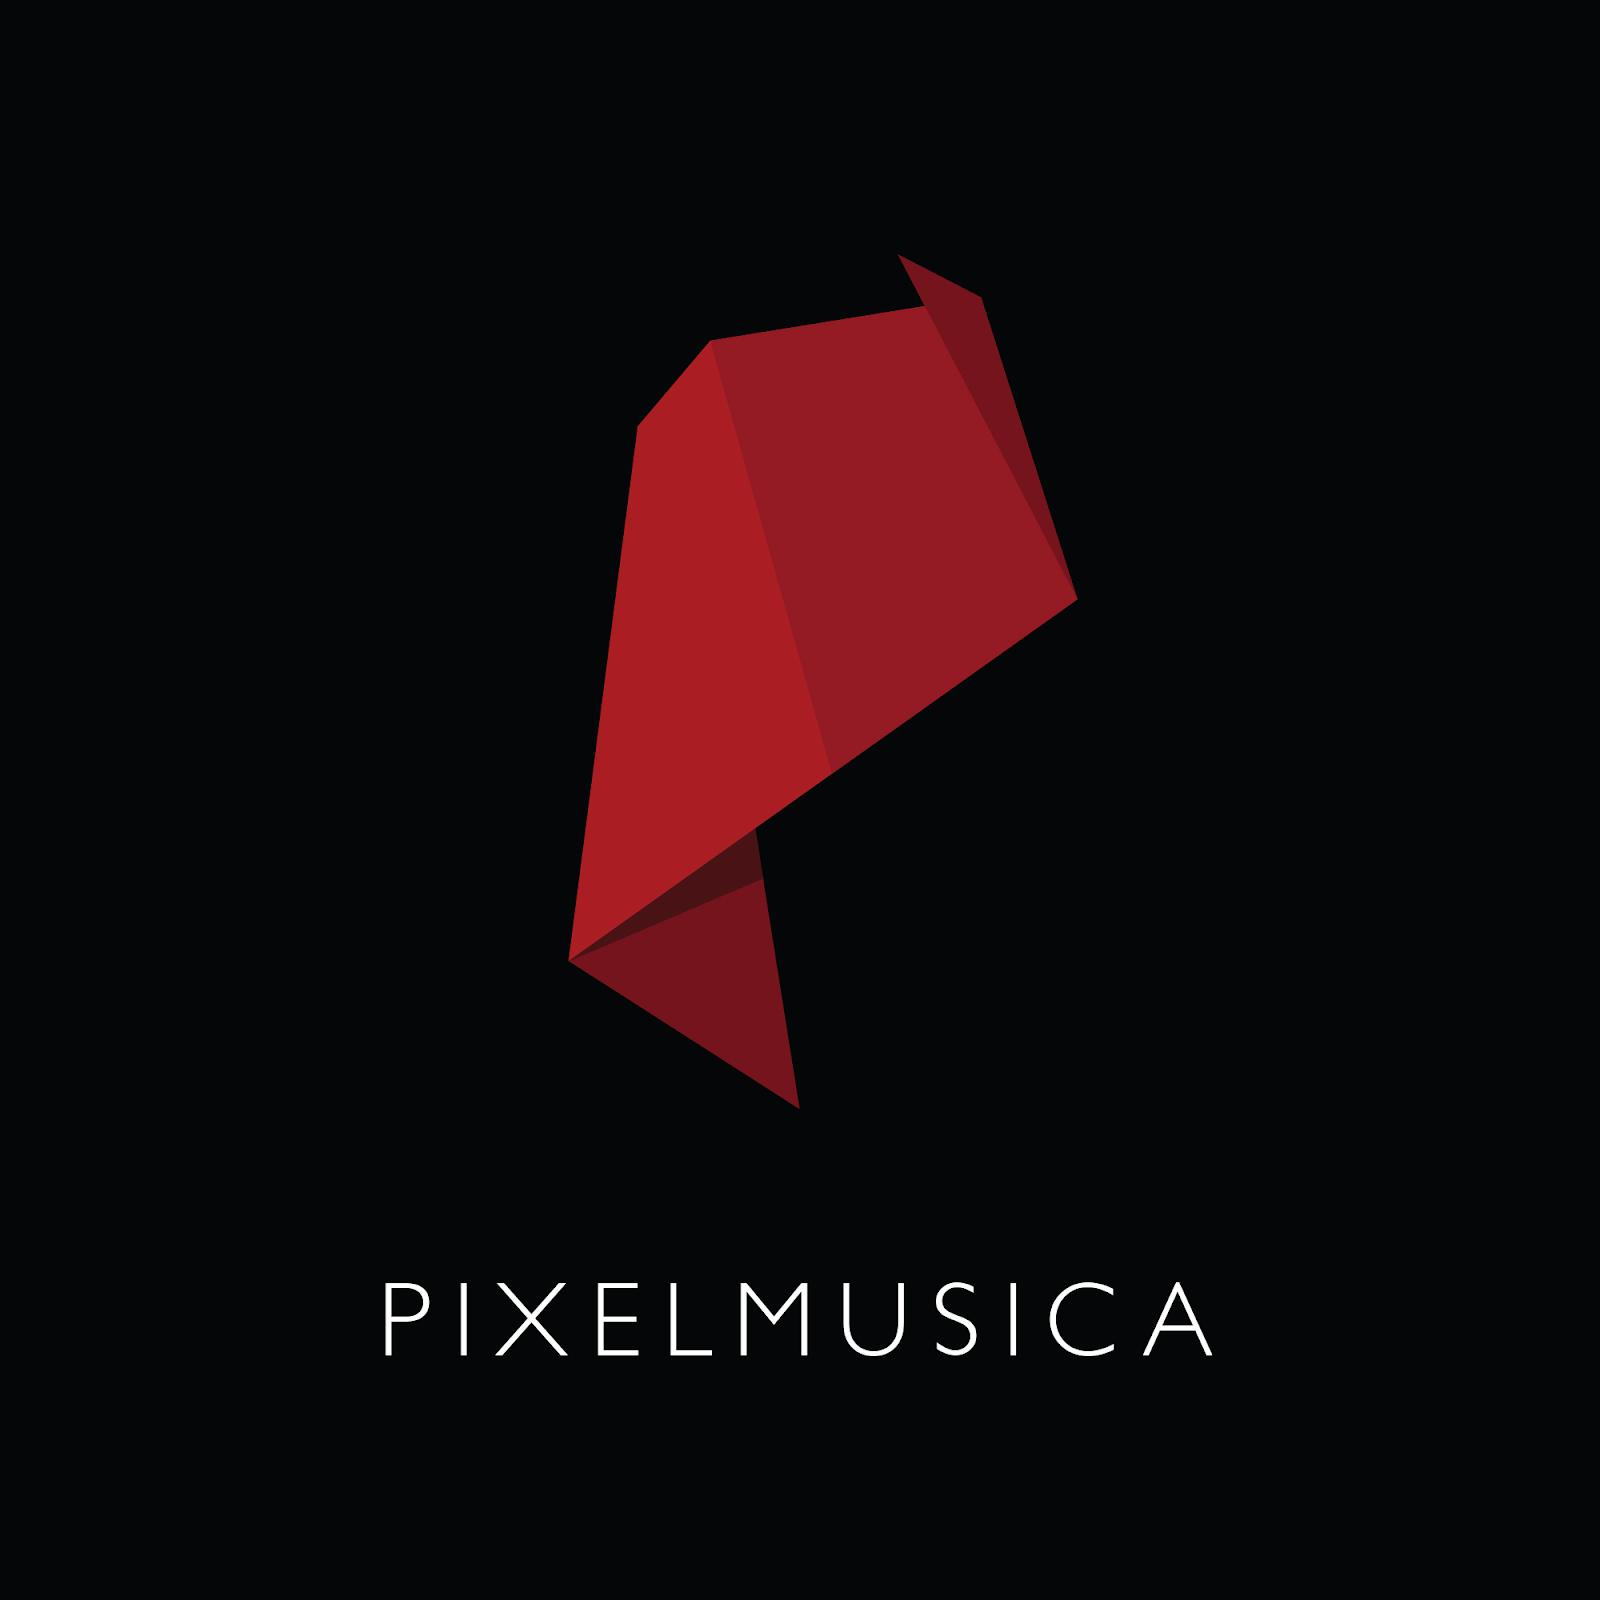 PixelMusica